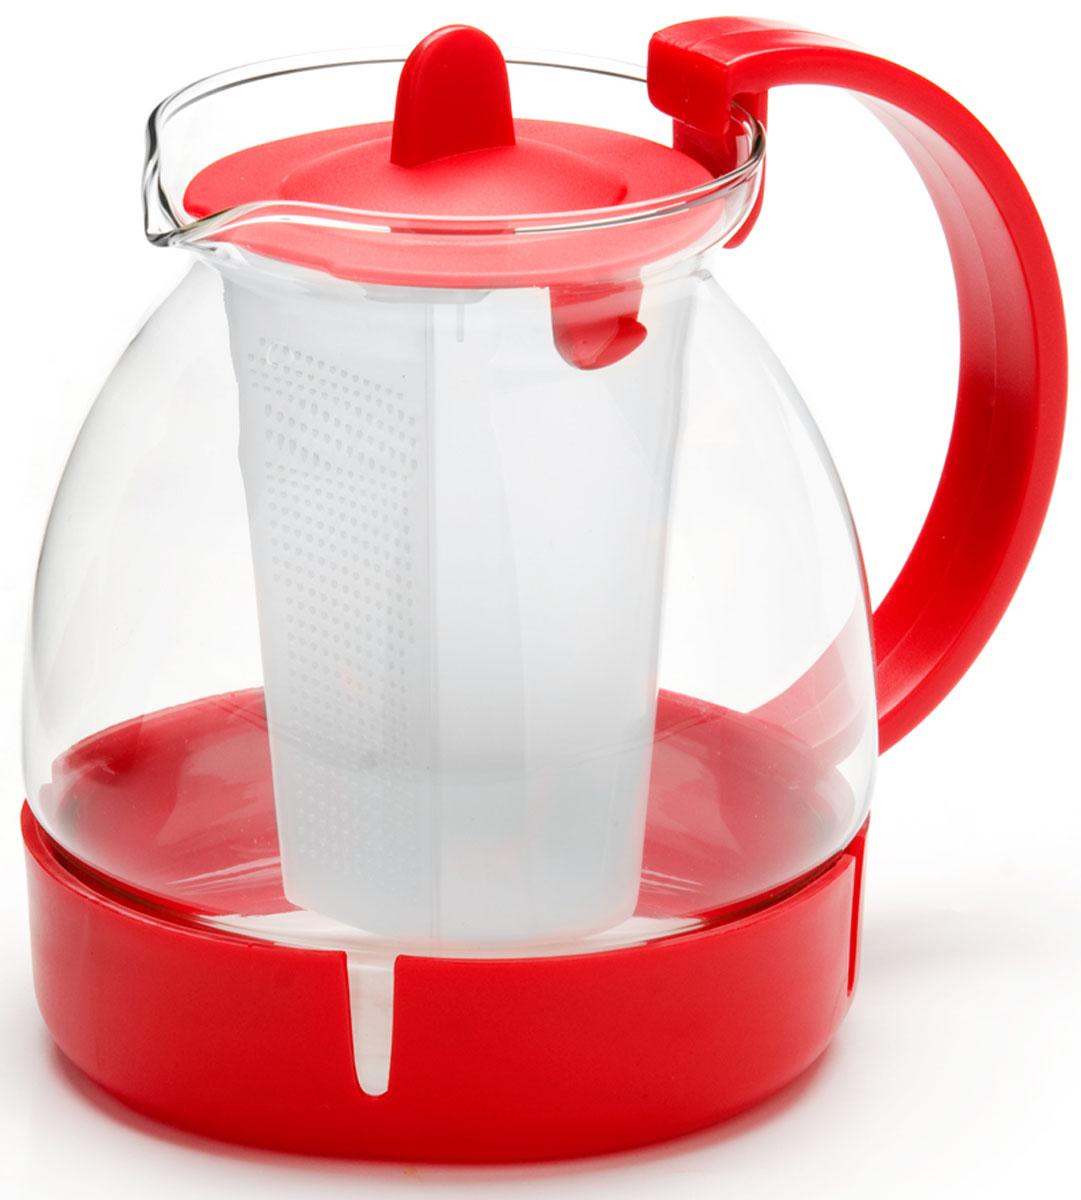 Чайник заварочный Mayer & Boch, с фильтром, цвет: красный, 1,25 л. 26171-1VT-1520(SR)Заварочный чайник Mayer & Boch изготовлен из термостойкого боросиликатного стекла, фильтр выполнен из нержавеющей стали. Изделия из стекла не впитывают запахи, благодаря чему вы всегда получите натуральный, насыщенный вкус и аромат напитков. Заварочный чайник из стекла удобно использовать для повседневного заваривания чая практически любого сорта. Но цветочные, фруктовые, красные и желтые сорта чая лучше других раскрывают свой вкус и аромат при заваривании именно в стеклянных чайниках, а также сохраняют все полезные ферменты и витамины, содержащиеся в чайных листах. Стальной фильтр гарантирует прозрачность и чистоту напитка от чайных листьев, при этом сохранив букет и насыщенность чая.Прозрачные стенки чайника дают возможность насладиться насыщенным цветом заваренного чая. Изящный заварочный чайник Mayer & Boch будет прекрасно смотреться в любом интерьере. Подходит для мытья в посудомоечной машине.